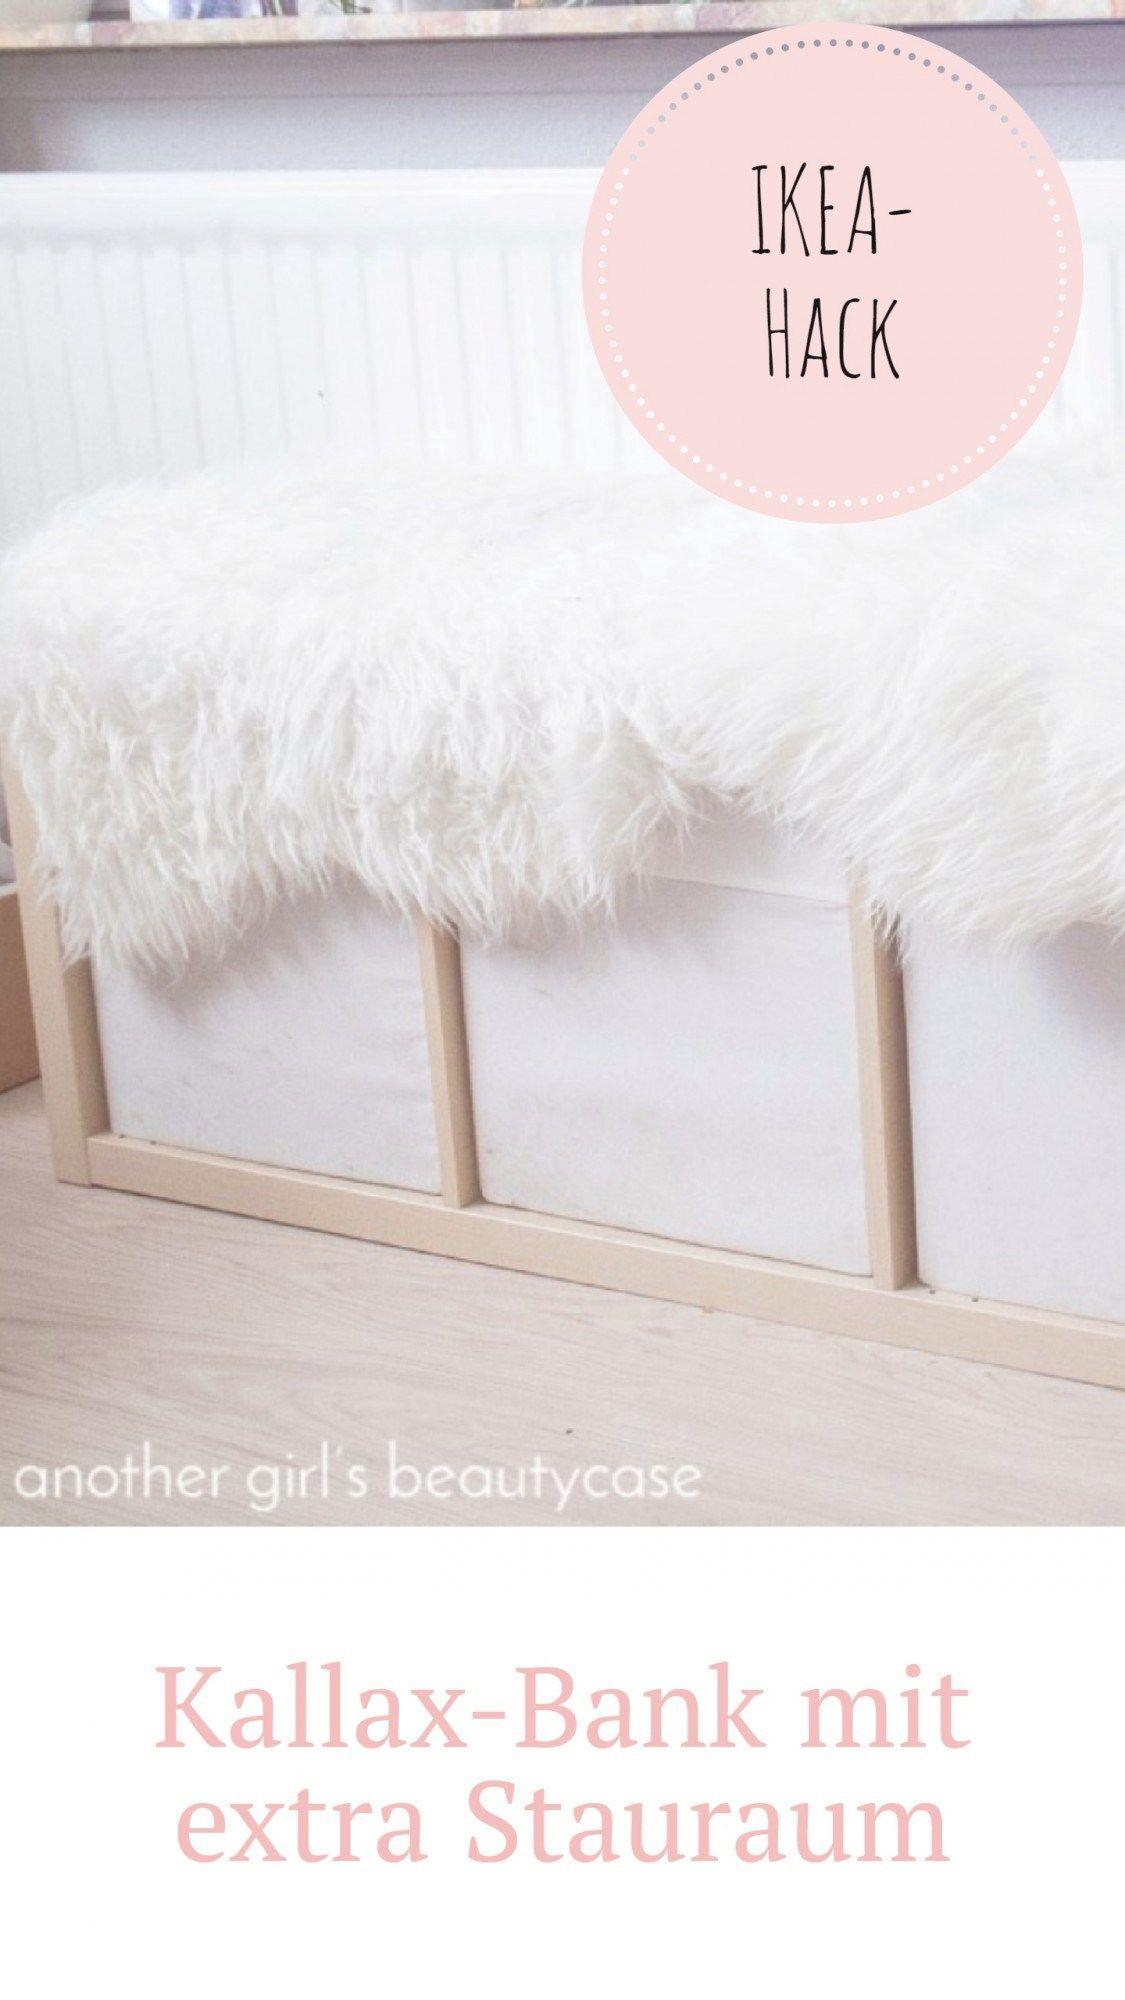 Full Size of Ikea Hack Sitzbank Esszimmer Aus Kallaregal Mit Bildern Küche Lehne Sofa Kosten Schlafzimmer Für Garten Miniküche Modulküche Betten 160x200 Kaufen Bett Bad Wohnzimmer Ikea Hack Sitzbank Esszimmer